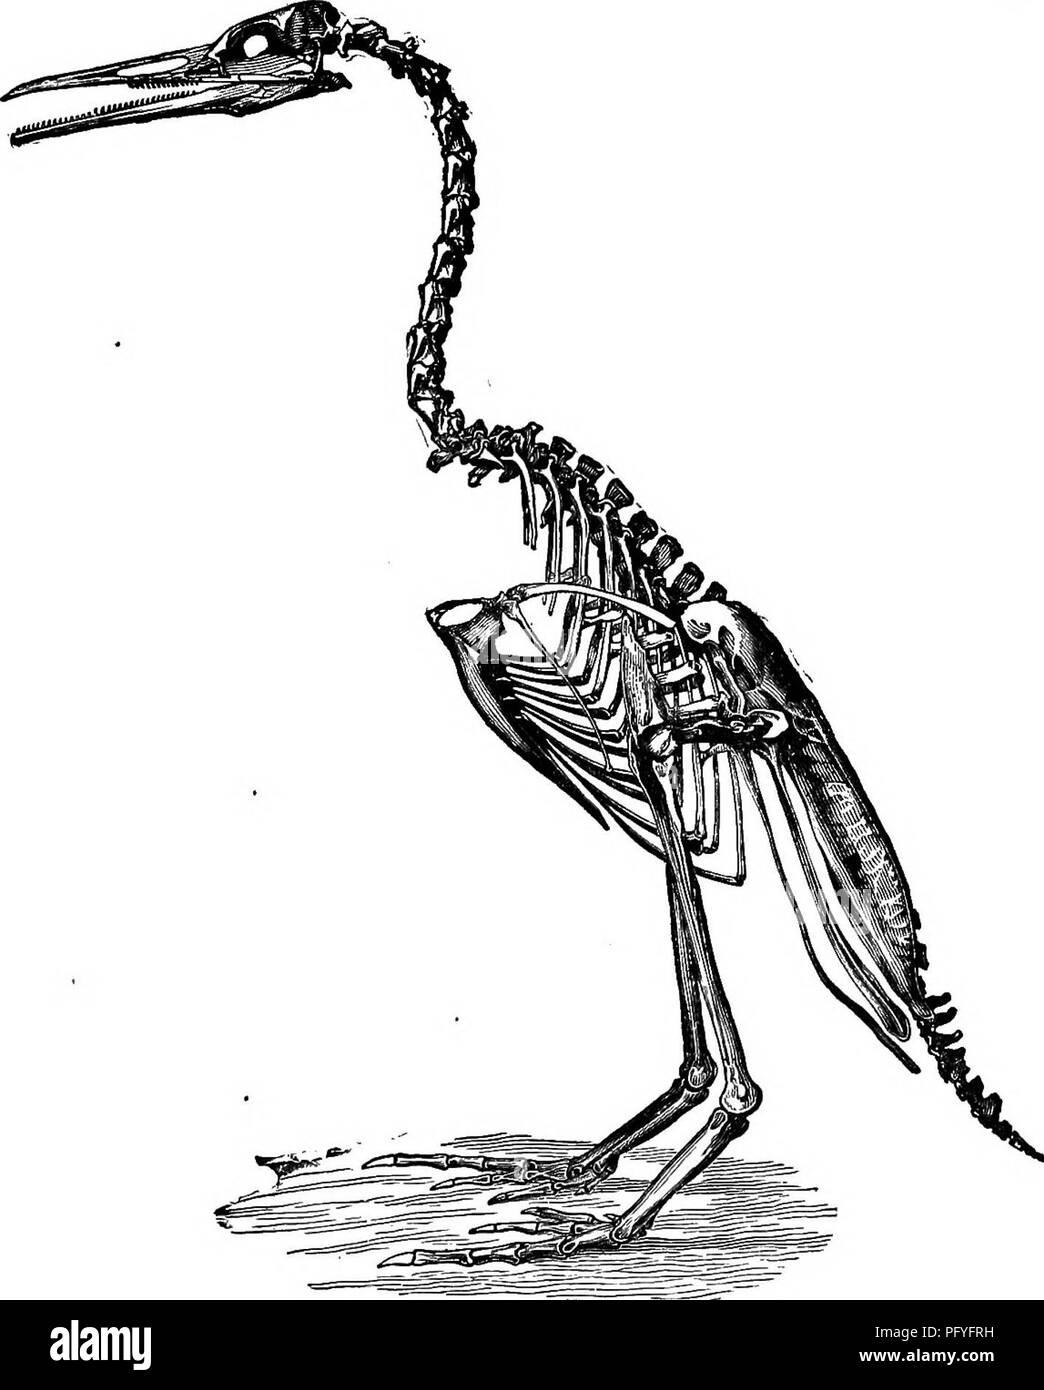 . Clave para las aves de América del Norte. Contiene una reseña concisa de cada una de las especies de aves que viven y fósiles en la actualidad conoce desde el continente al norte de la frontera de México y de los Estados Unidos, inclusive de Groenlandia y de Baja California, con el que se incorporan la ornitología en general: un resumen de la estructura y clasificación de las aves; y la ornitología de campo, un manual de recogida, preparación y conservación de las aves. Las aves; aves. Definición de BIEBS. 63 -los fósiles, llamados así porque supone que indican la presencia de aves por sus impresiones de pie, se descubrieron alrededor del año 1835 en la Tria Foto de stock